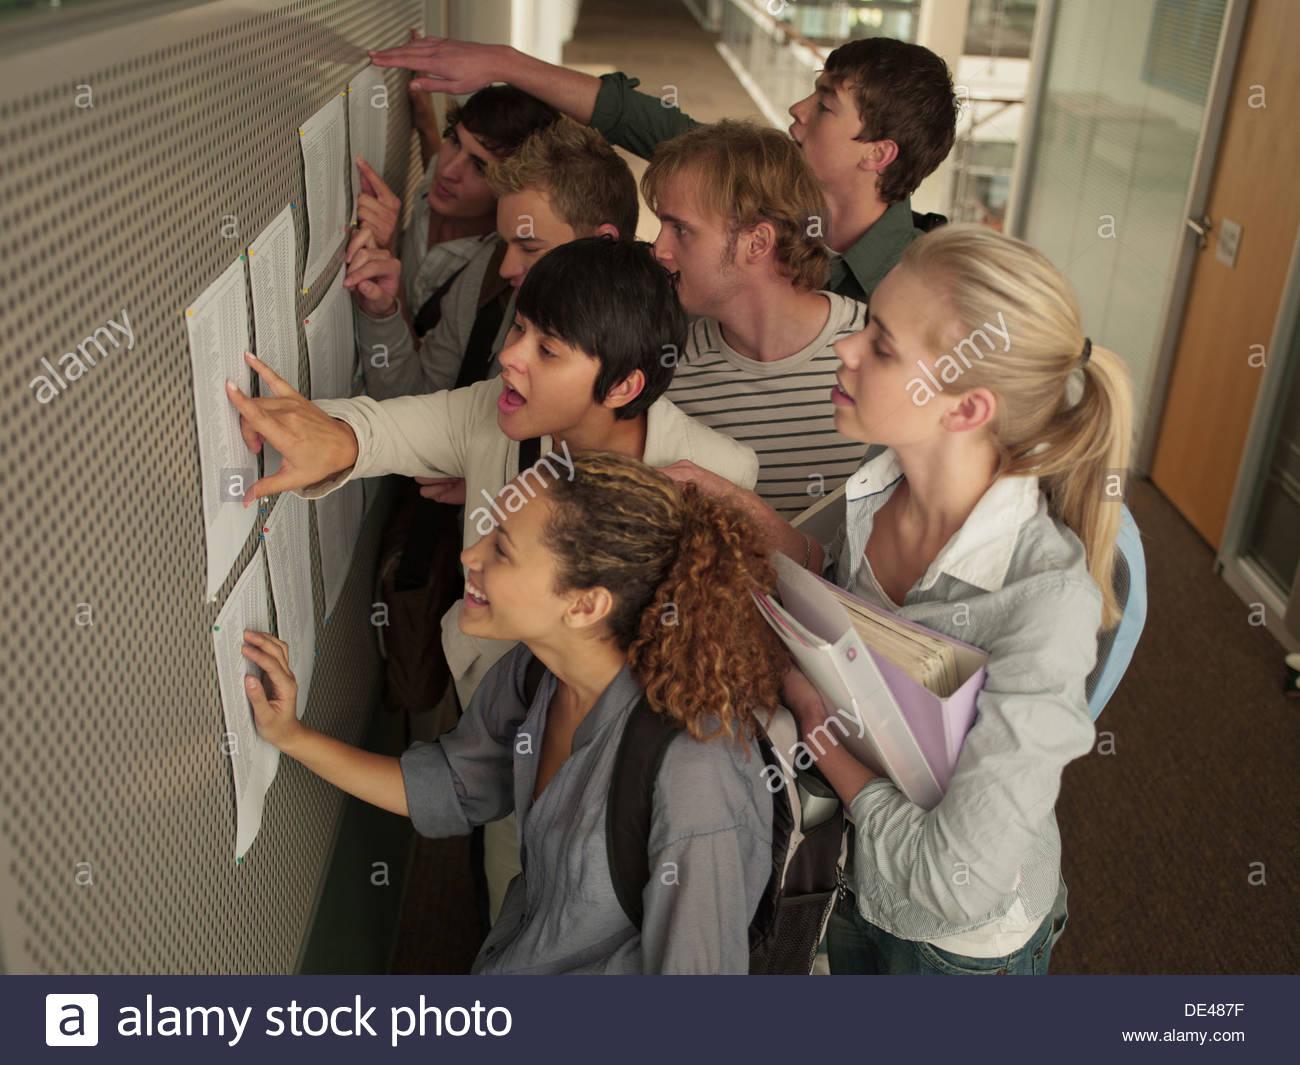 Les étudiants du collège des résultats aux tests de contrôle dans le couloir Photo Stock